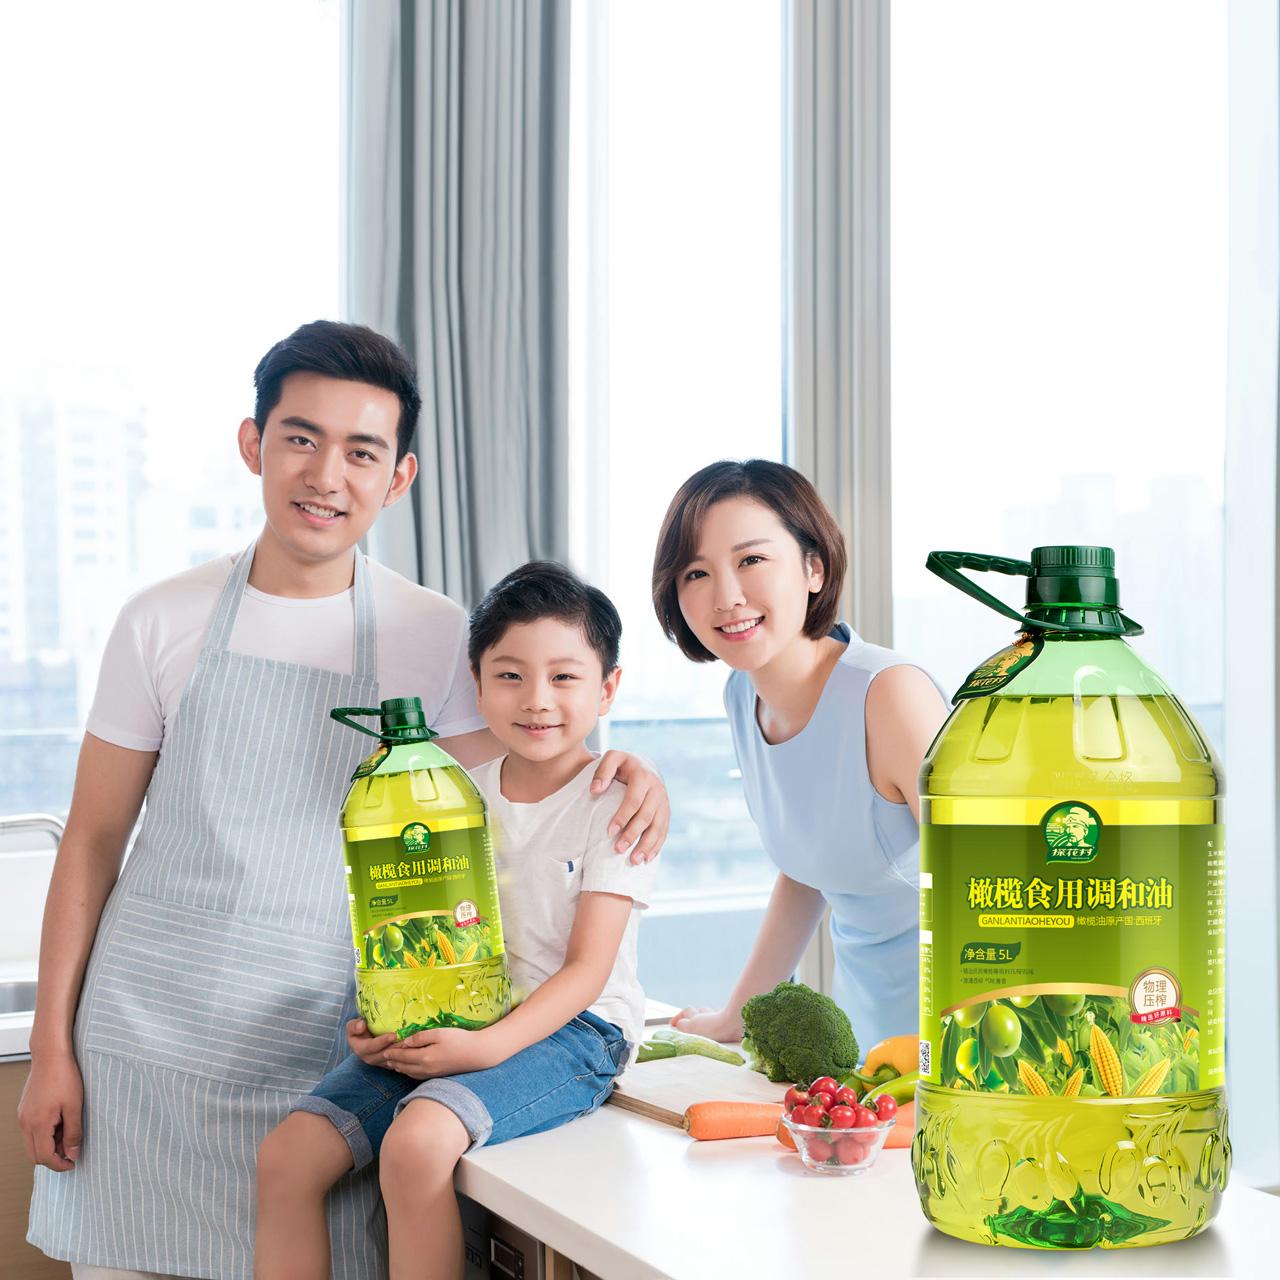 橄榄油 物理压榨 商超同款食用油 2 5000ml 橄榄调和油 探花村